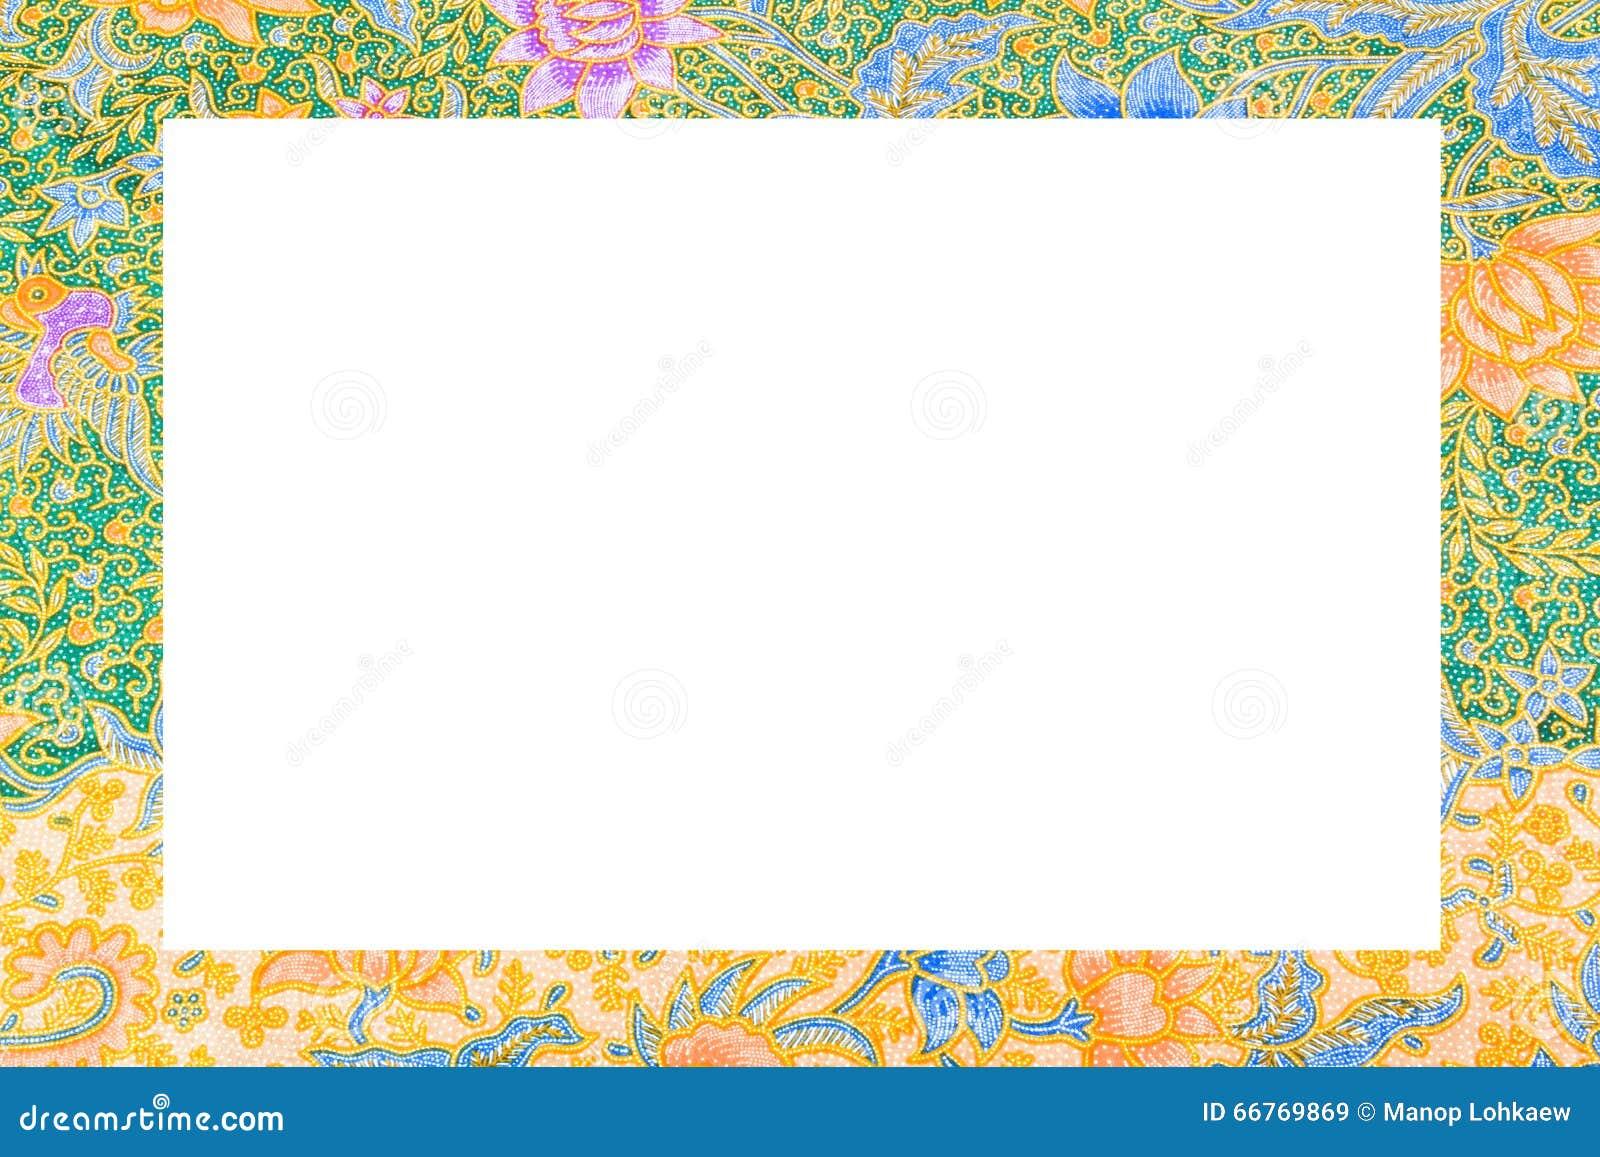 Batik Cloth Frame On White Background Stock Image Image